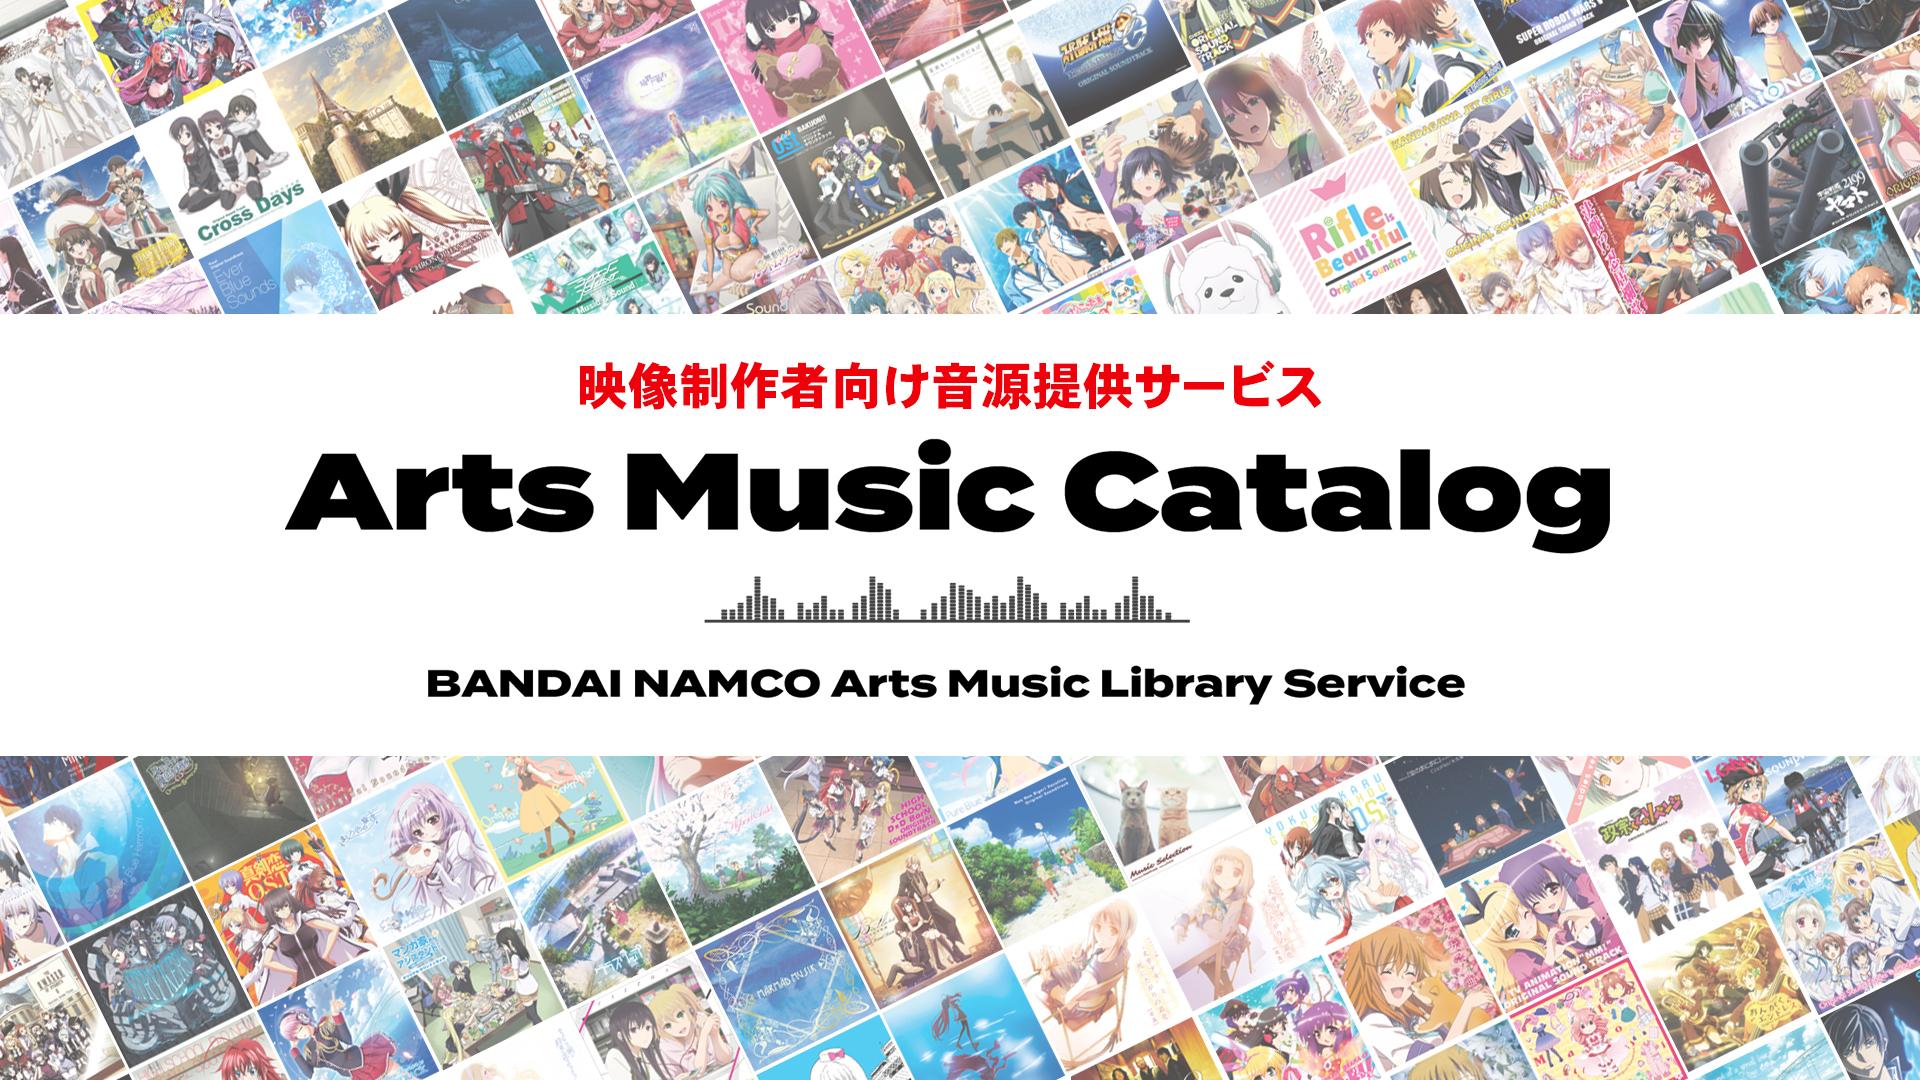 映像制作者向け音源提供サービス『Arts Music Catalog』(AMC)